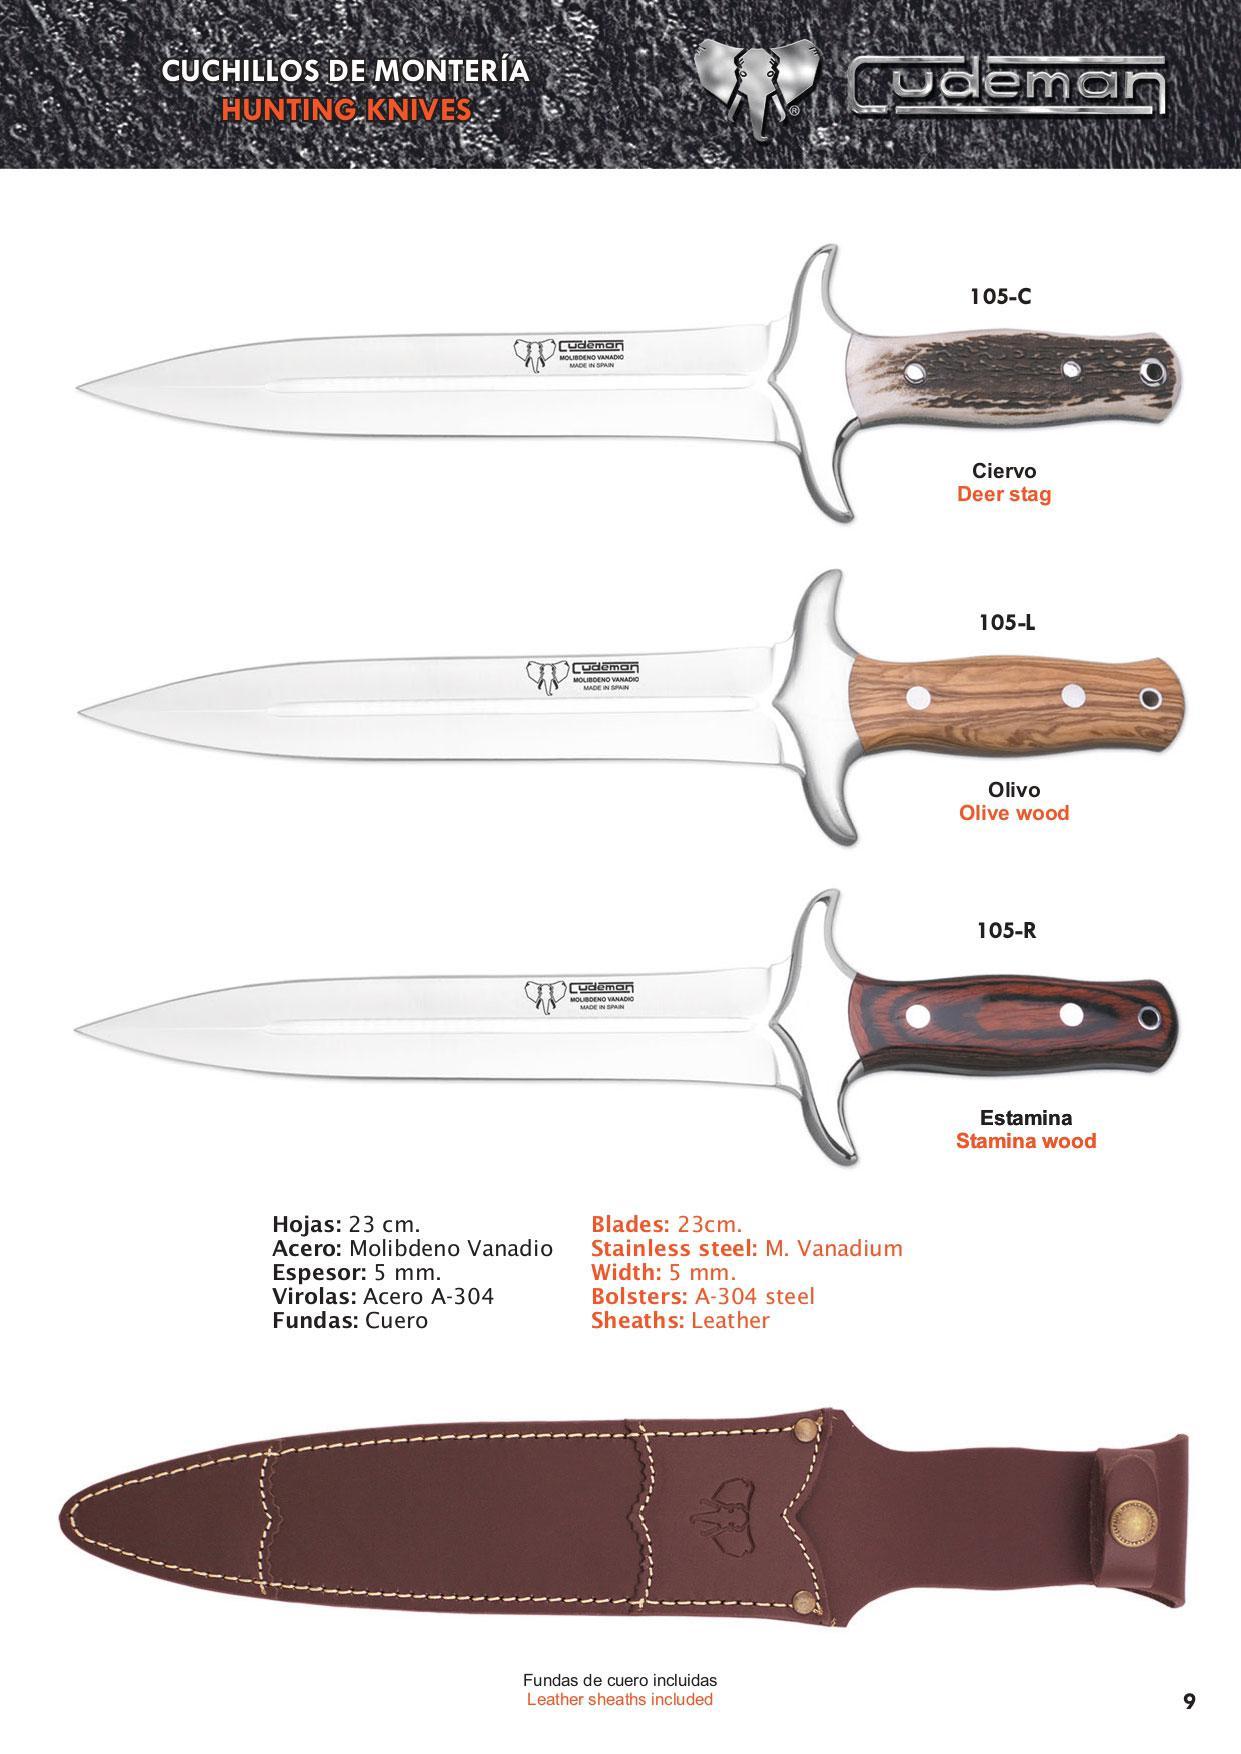 messer monteria 2 cudeman hunter messer monteria messer besteck. Black Bedroom Furniture Sets. Home Design Ideas